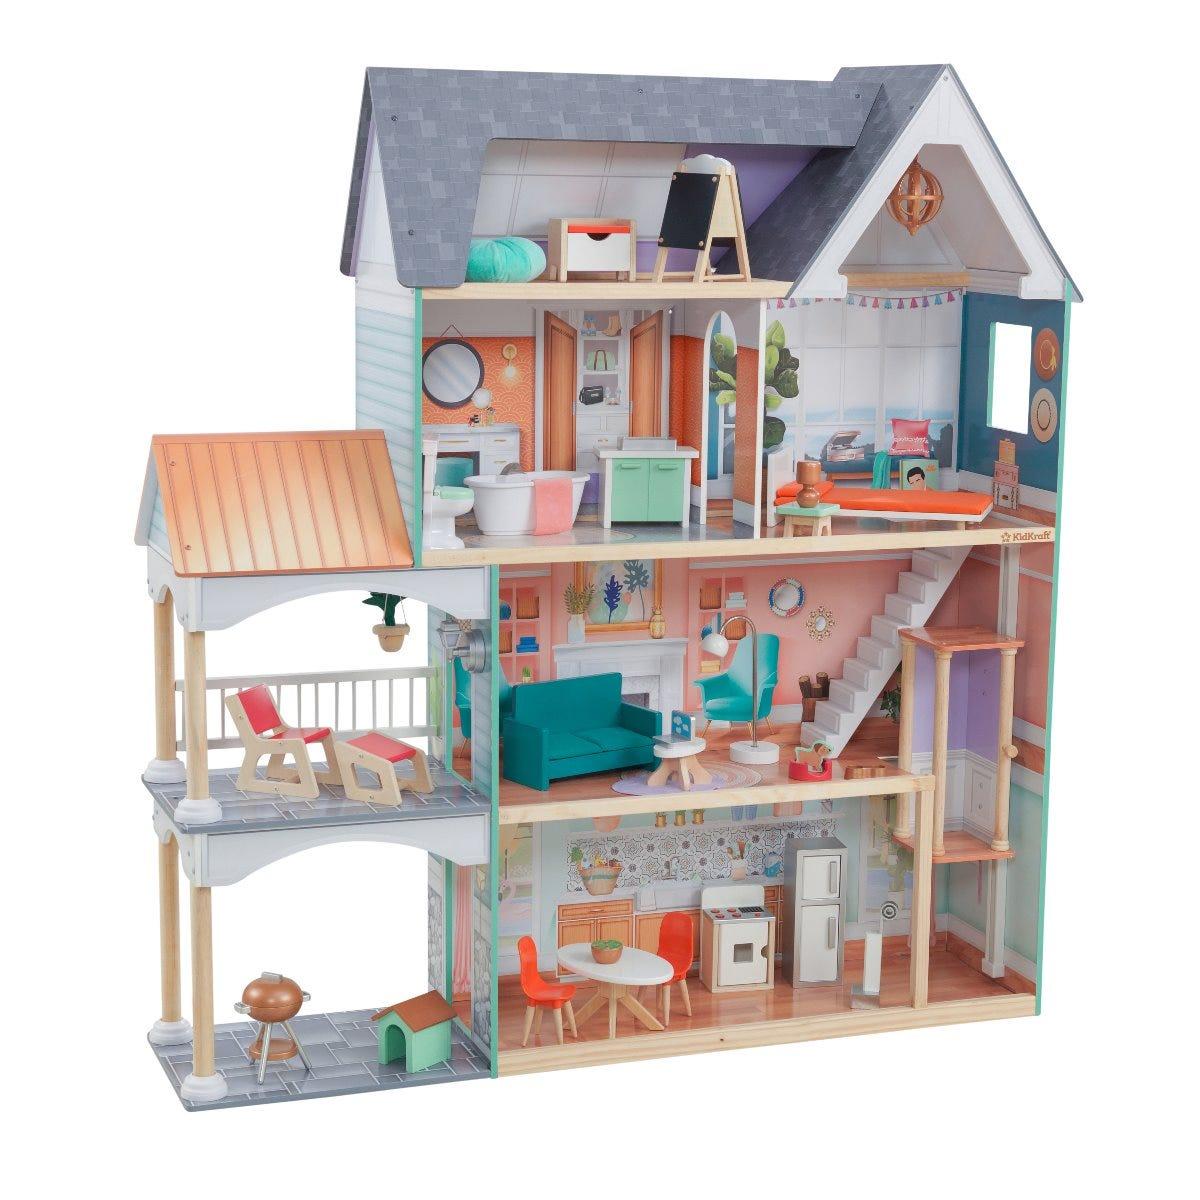 KidKraft къща за кукли с обзавеждане - Далия -bellamiestore